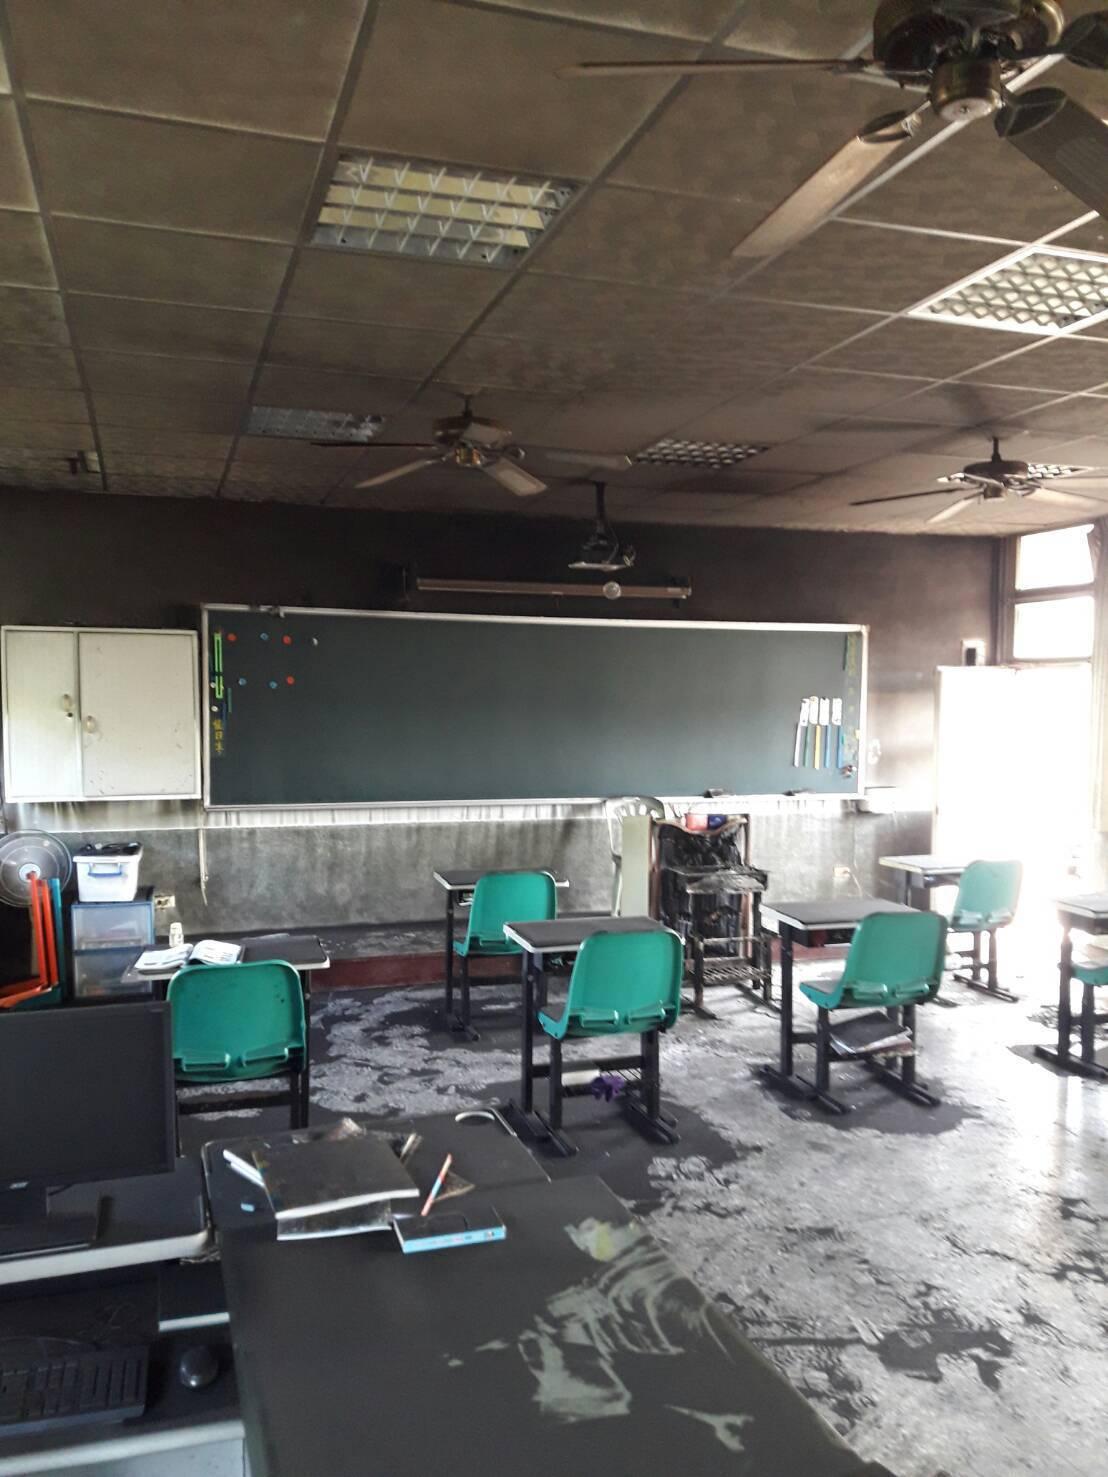 土庫新庄國小一間教室不明原因起火,教室被燻黑,部分桌椅被燒毀。記者蔡維斌/翻攝